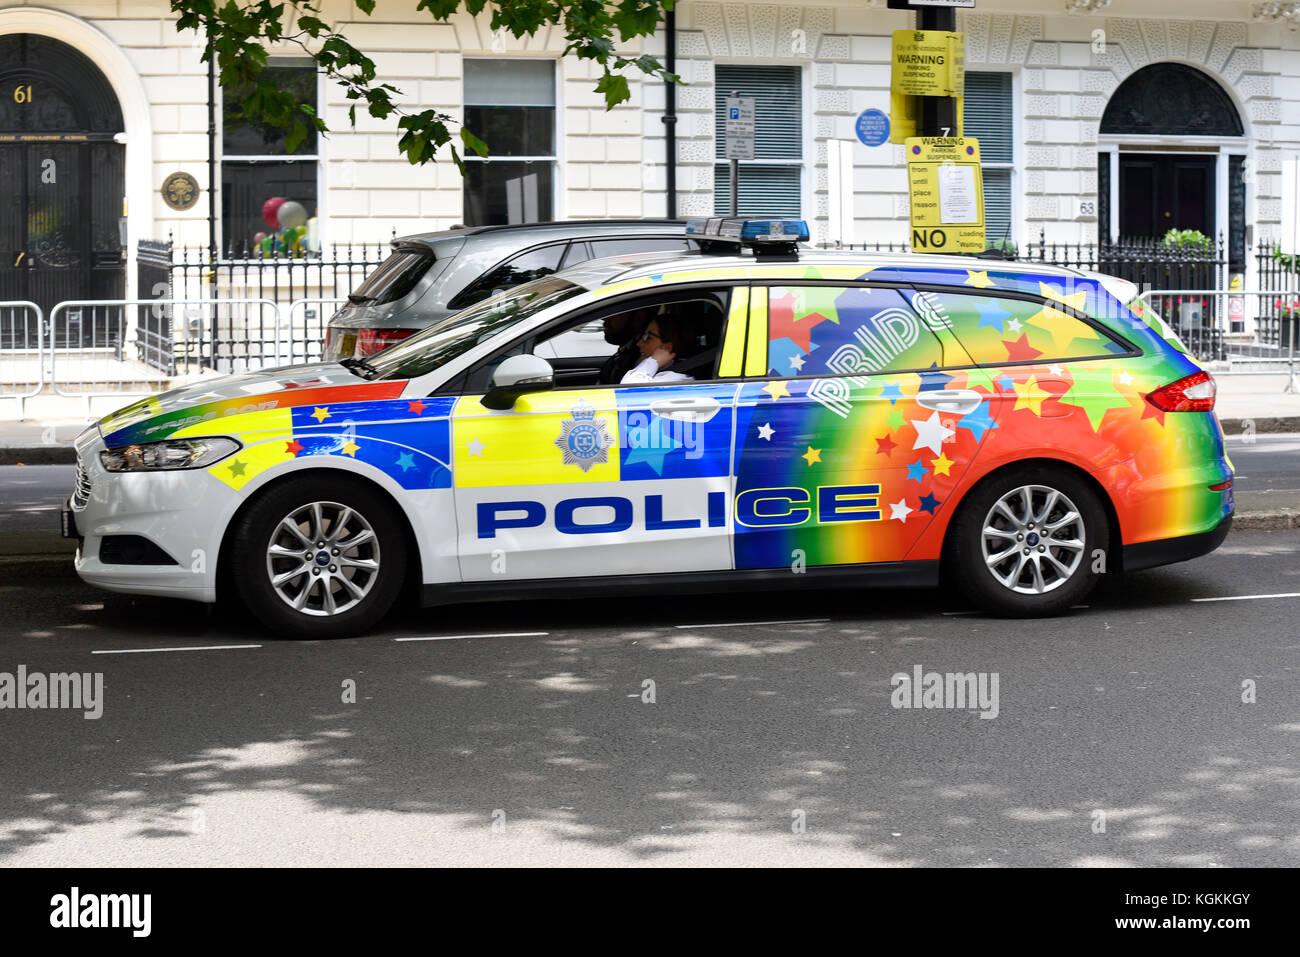 polizei auto in regenbogen farben farben f r stolz in. Black Bedroom Furniture Sets. Home Design Ideas